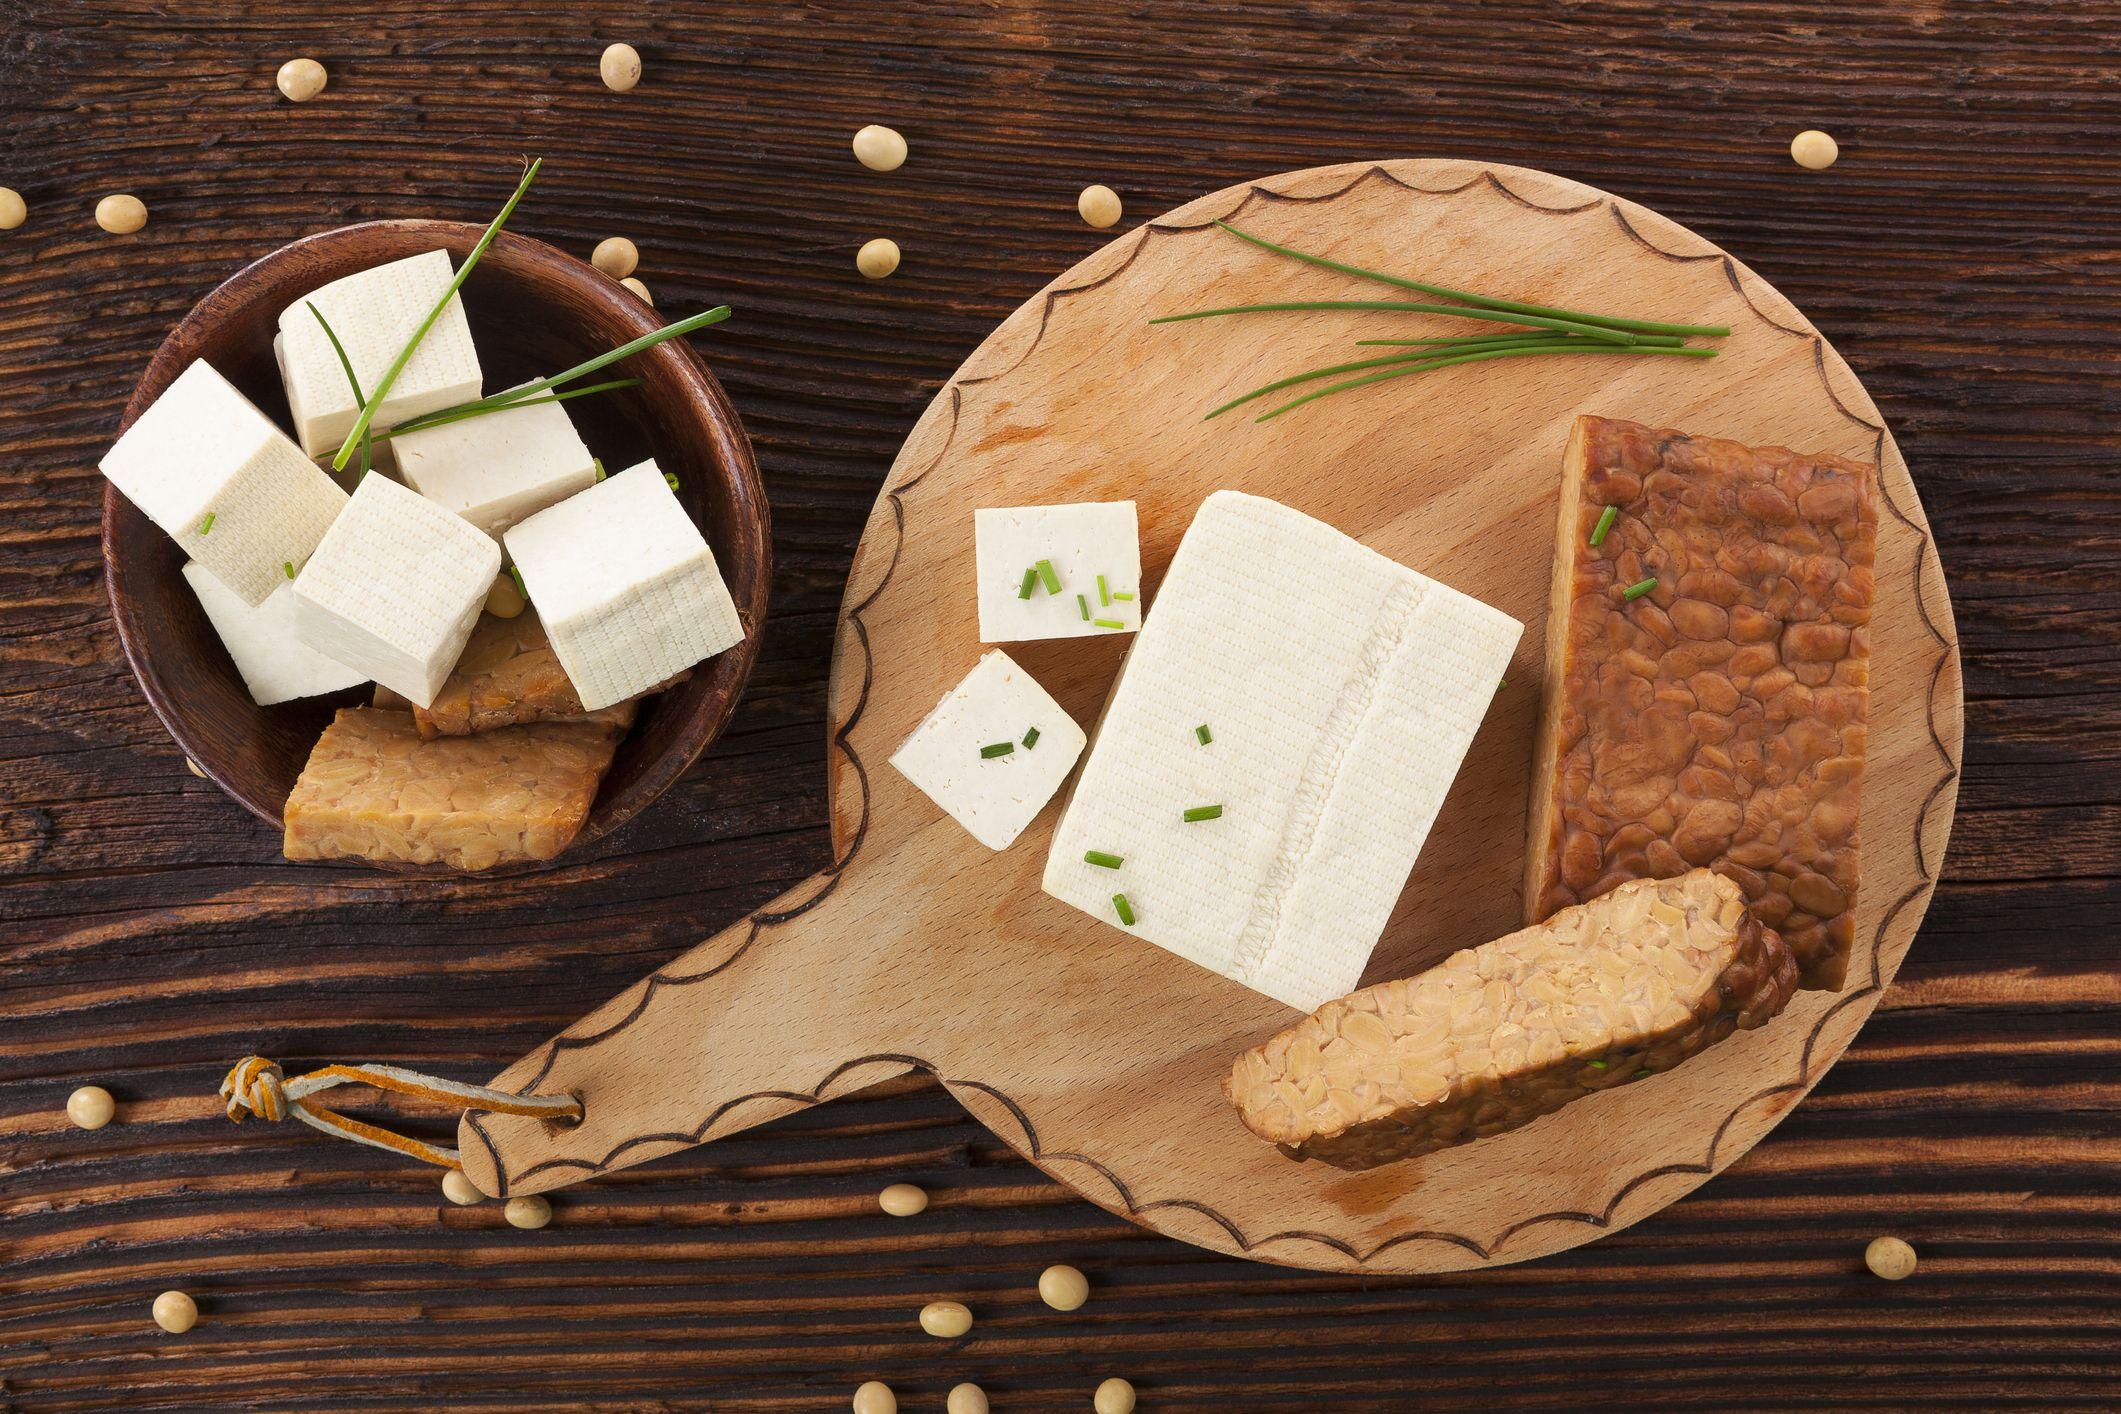 Tofu vs. Tempeh: wat is nu eigenlijk gezonder?